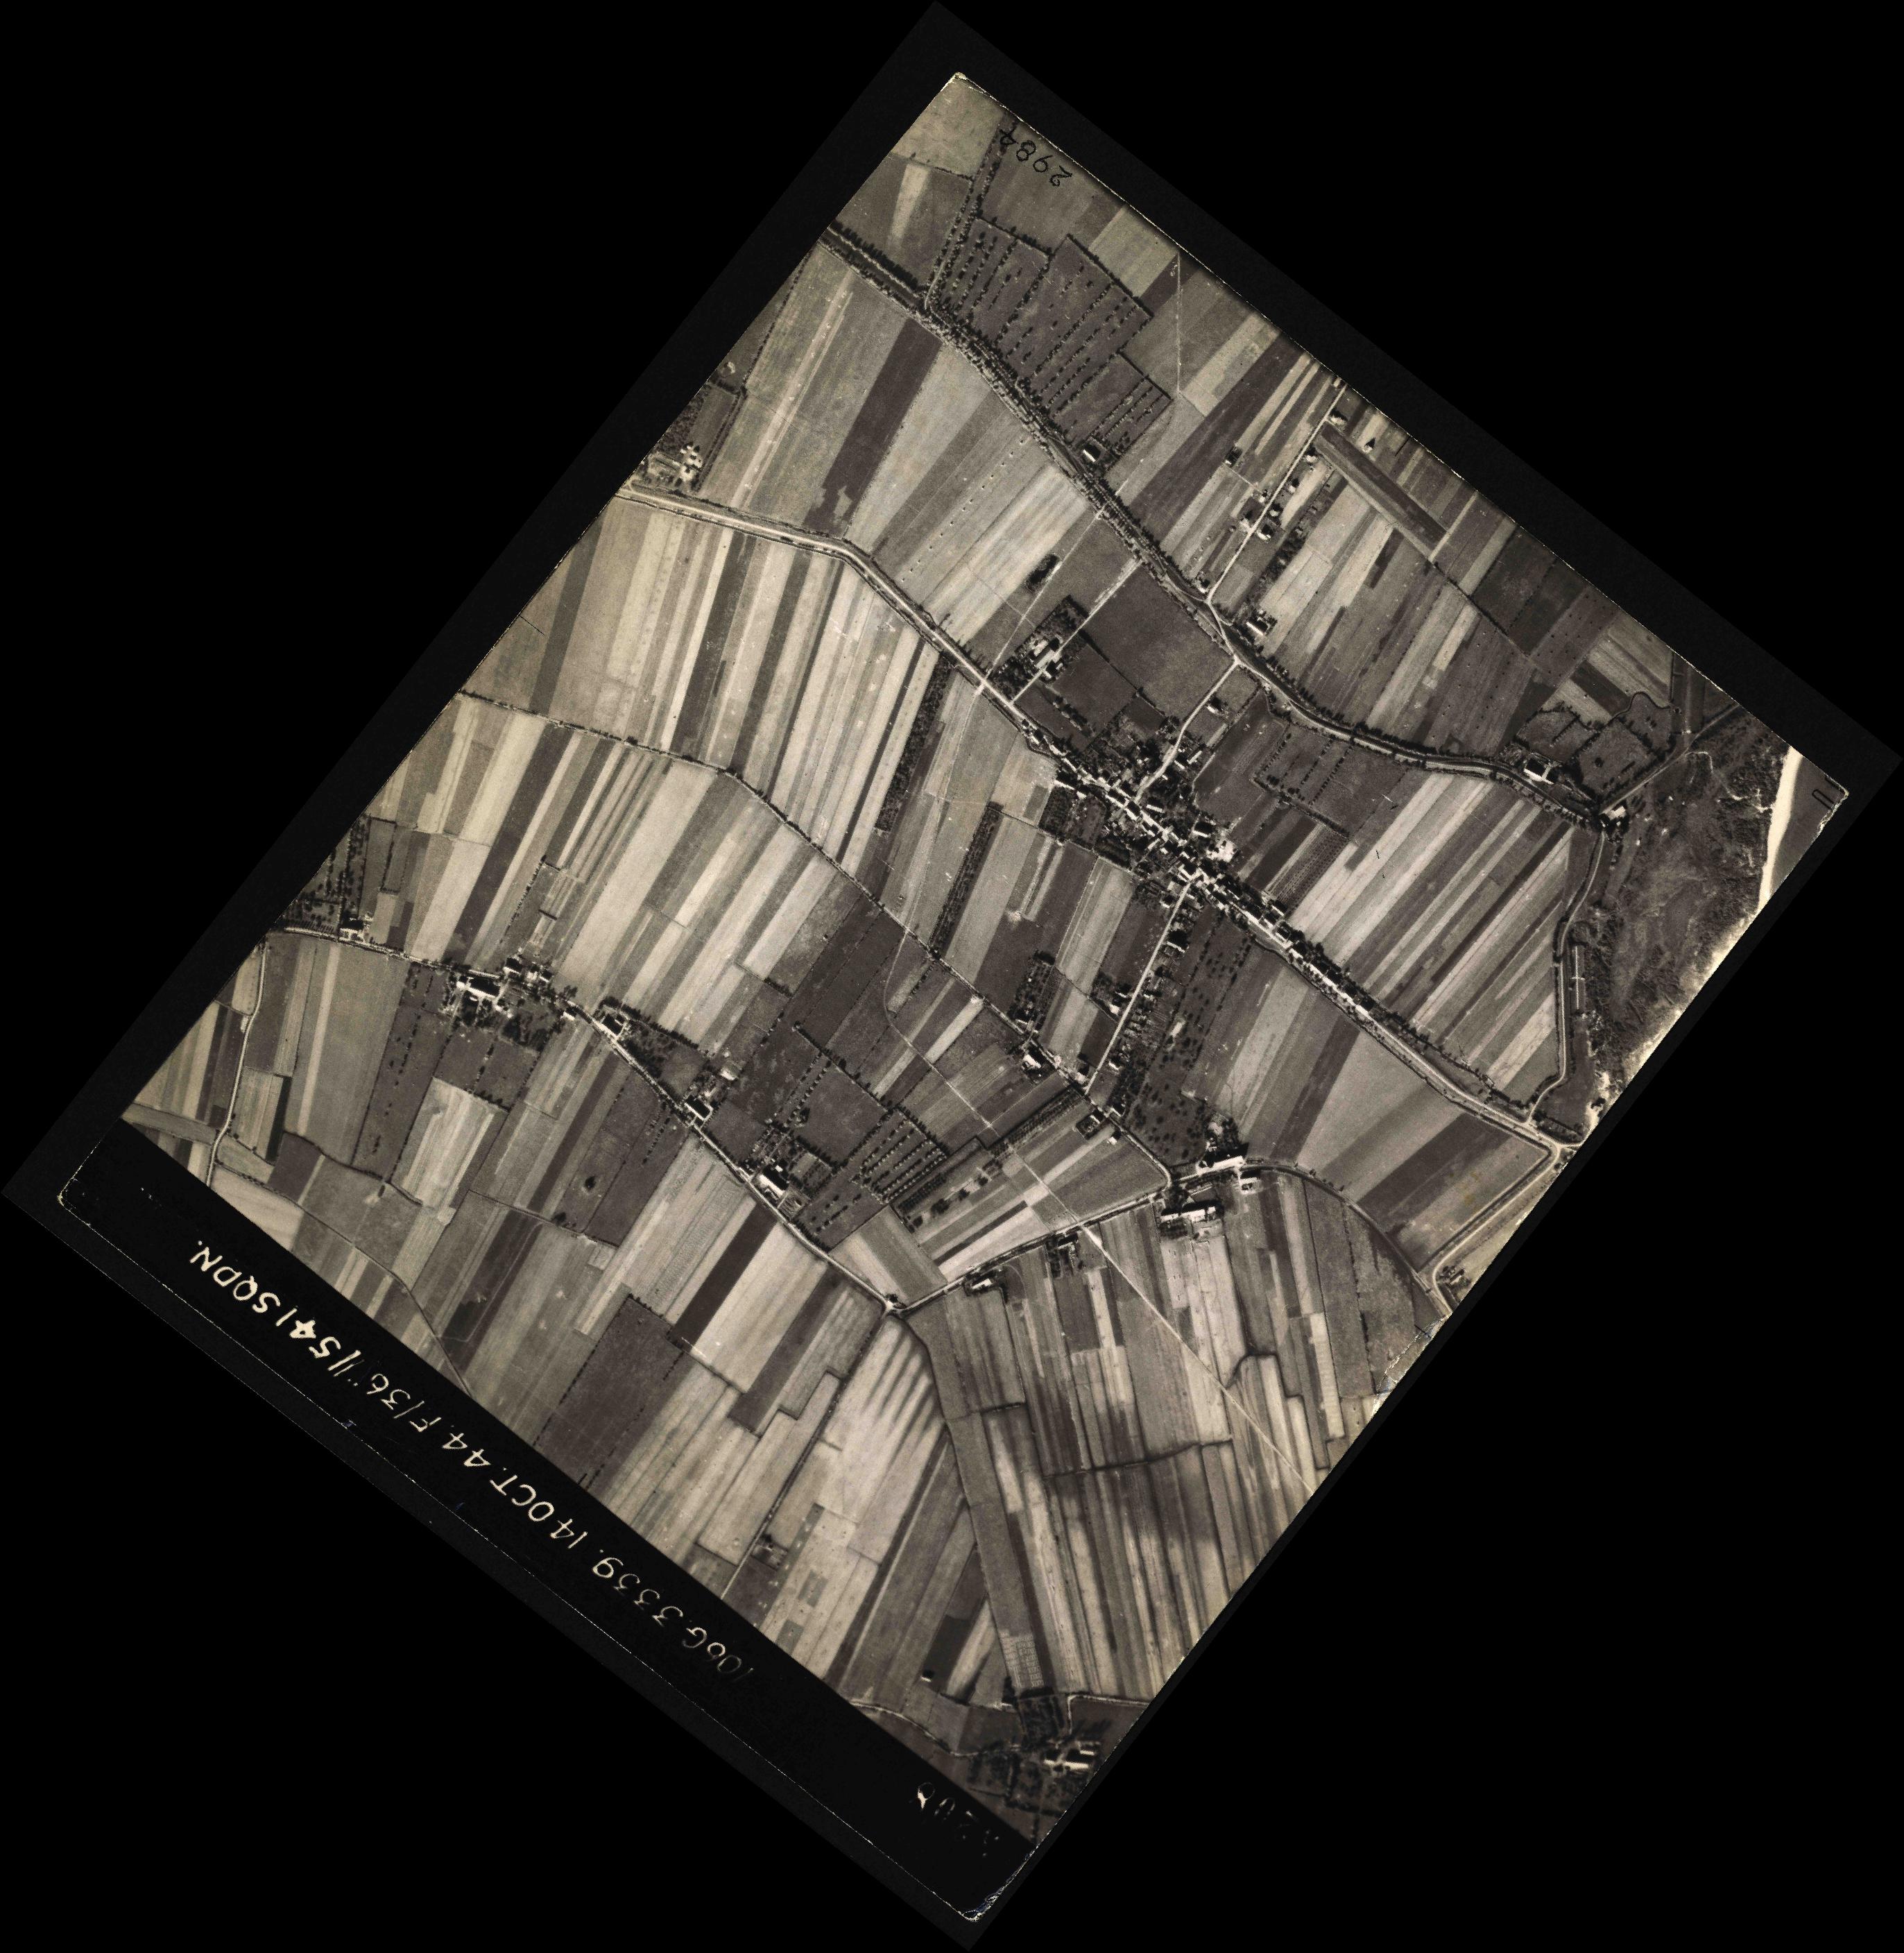 Collection RAF aerial photos 1940-1945 - flight 042, run 01, photo 3208